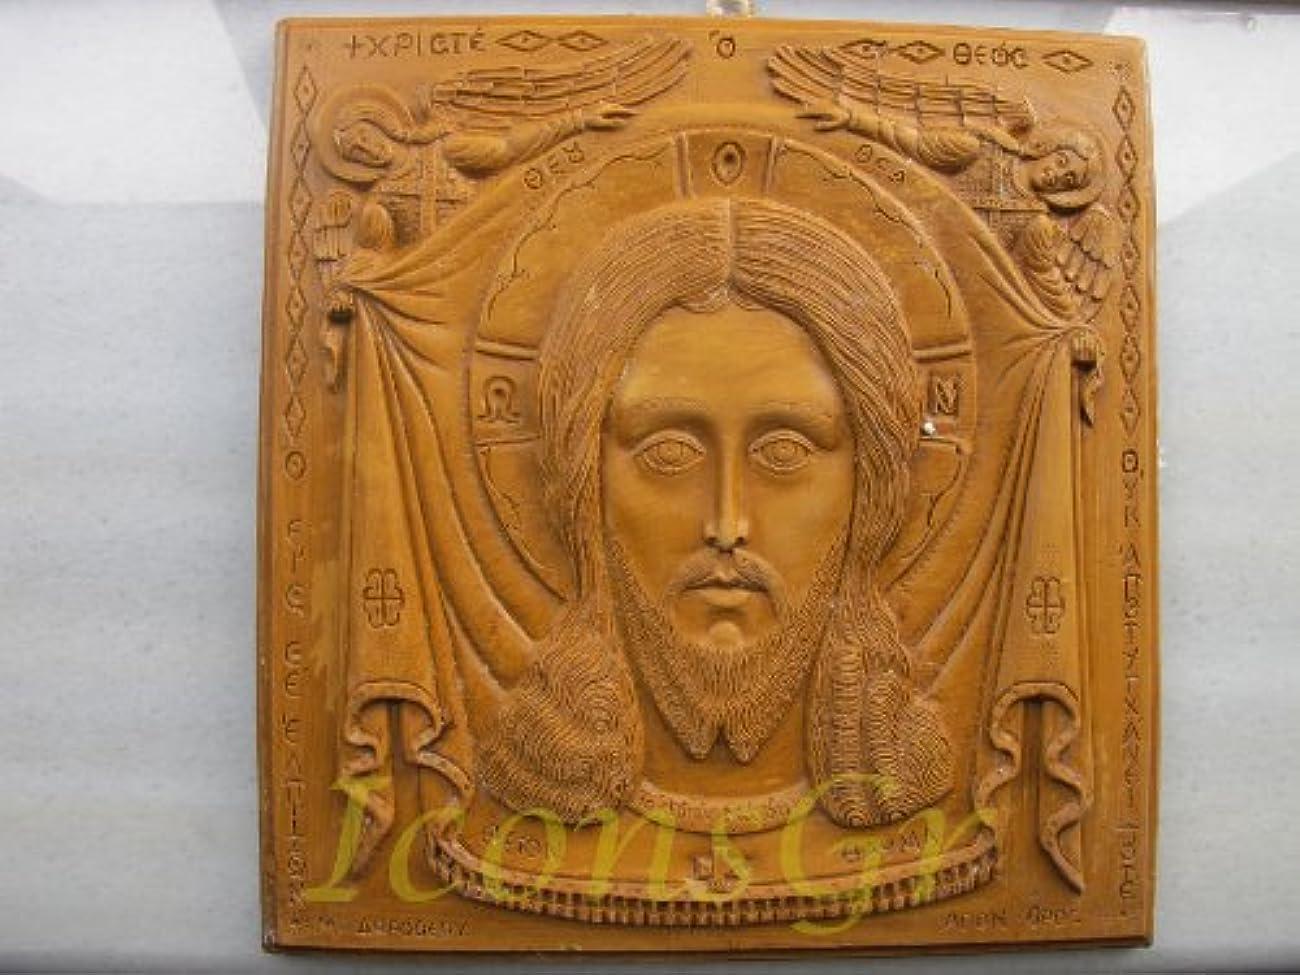 擁する高くすべきハンドメイド 彫刻 アロマ ワックス アイコン 神聖なマンディリオンのアトス山からの祝福 122